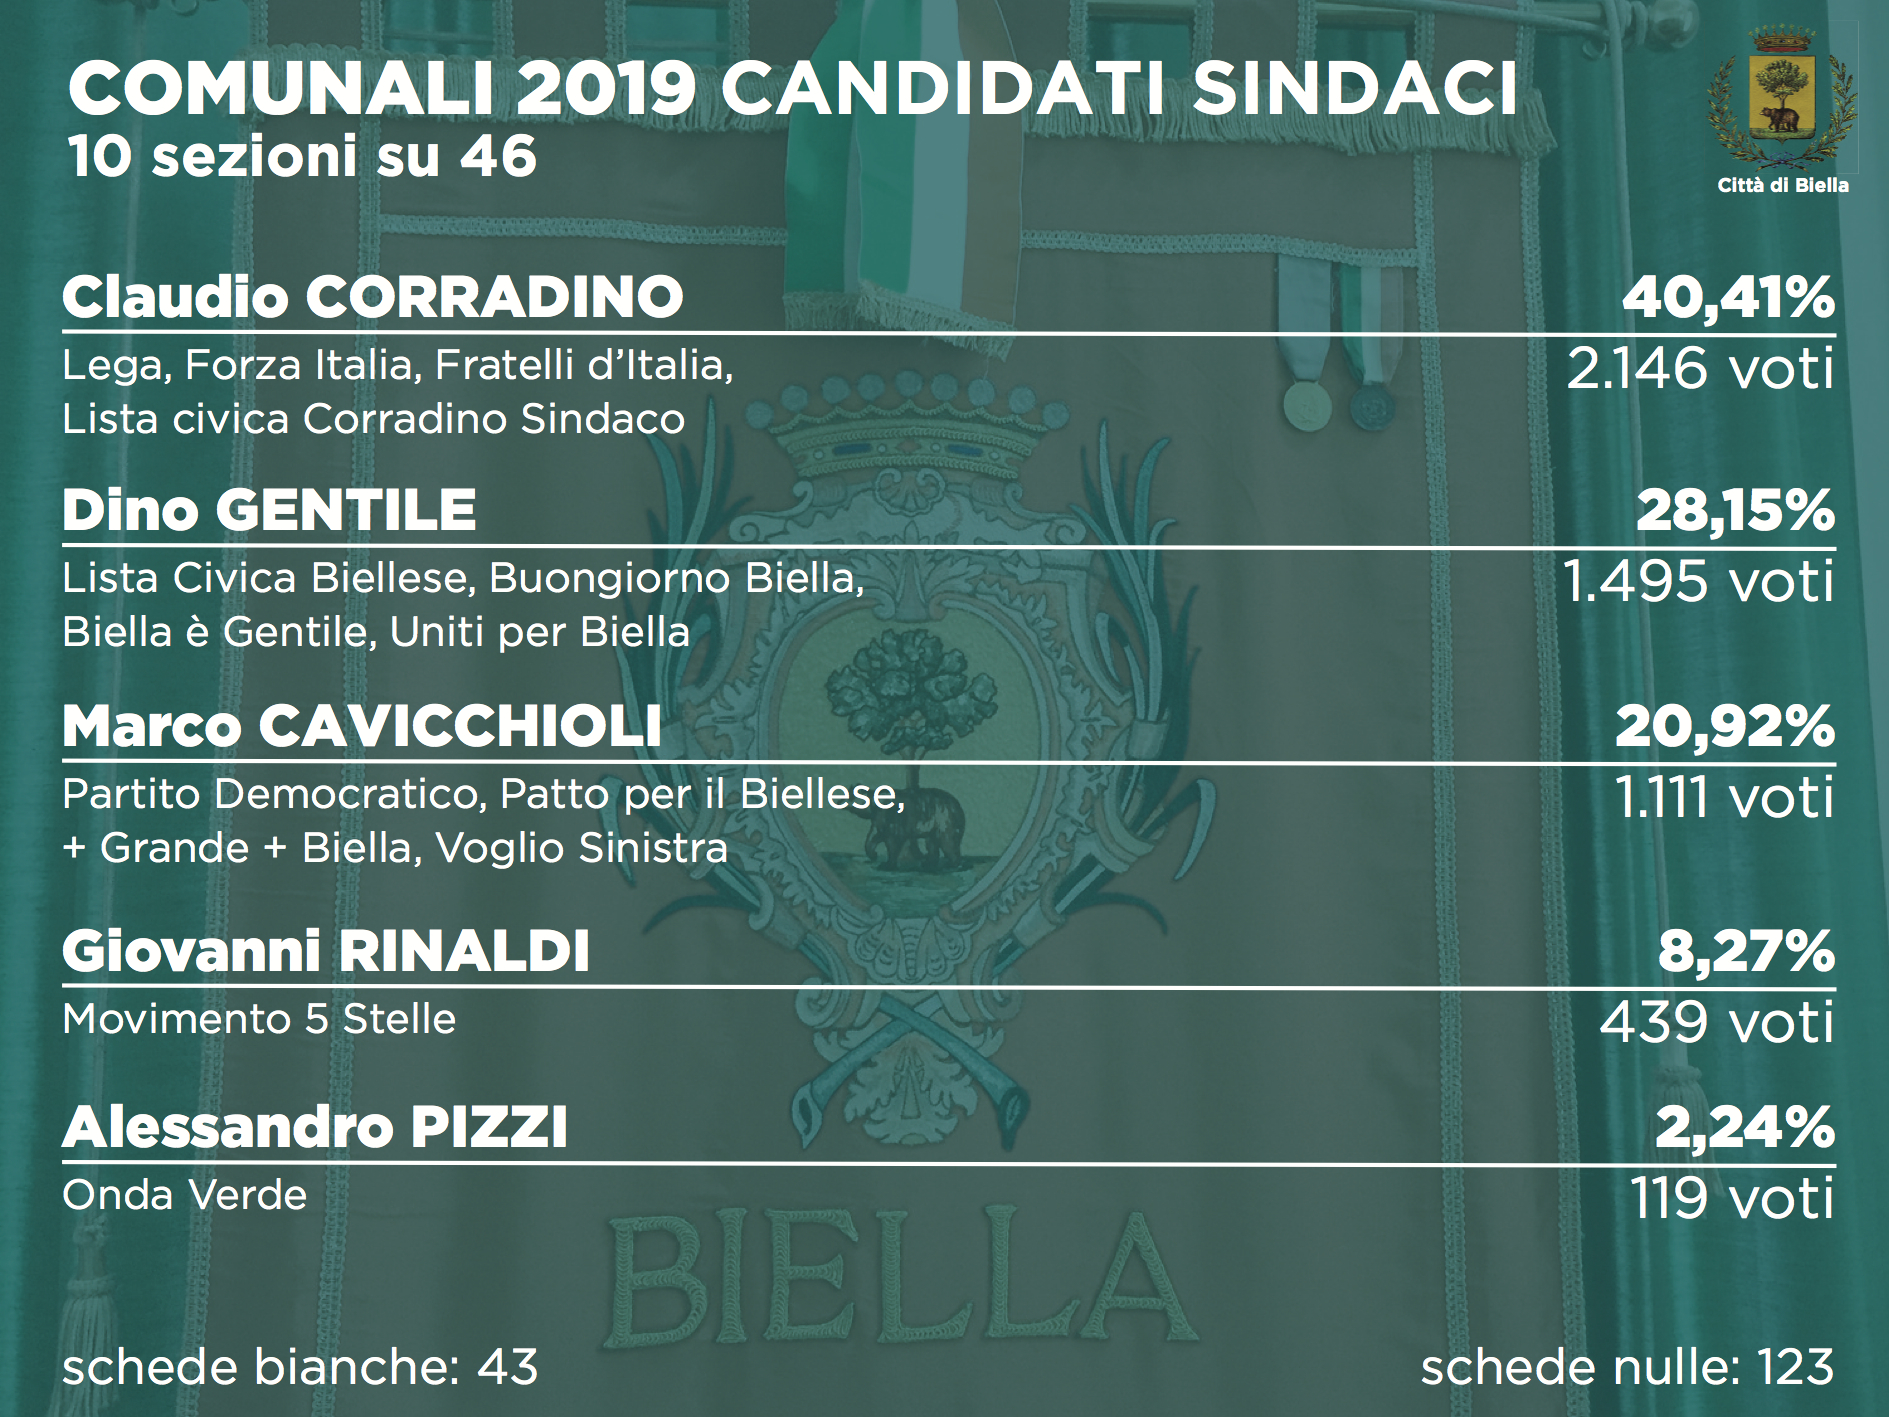 Elezioni 2019, i risultati alle comunali dopo 10 sezioni